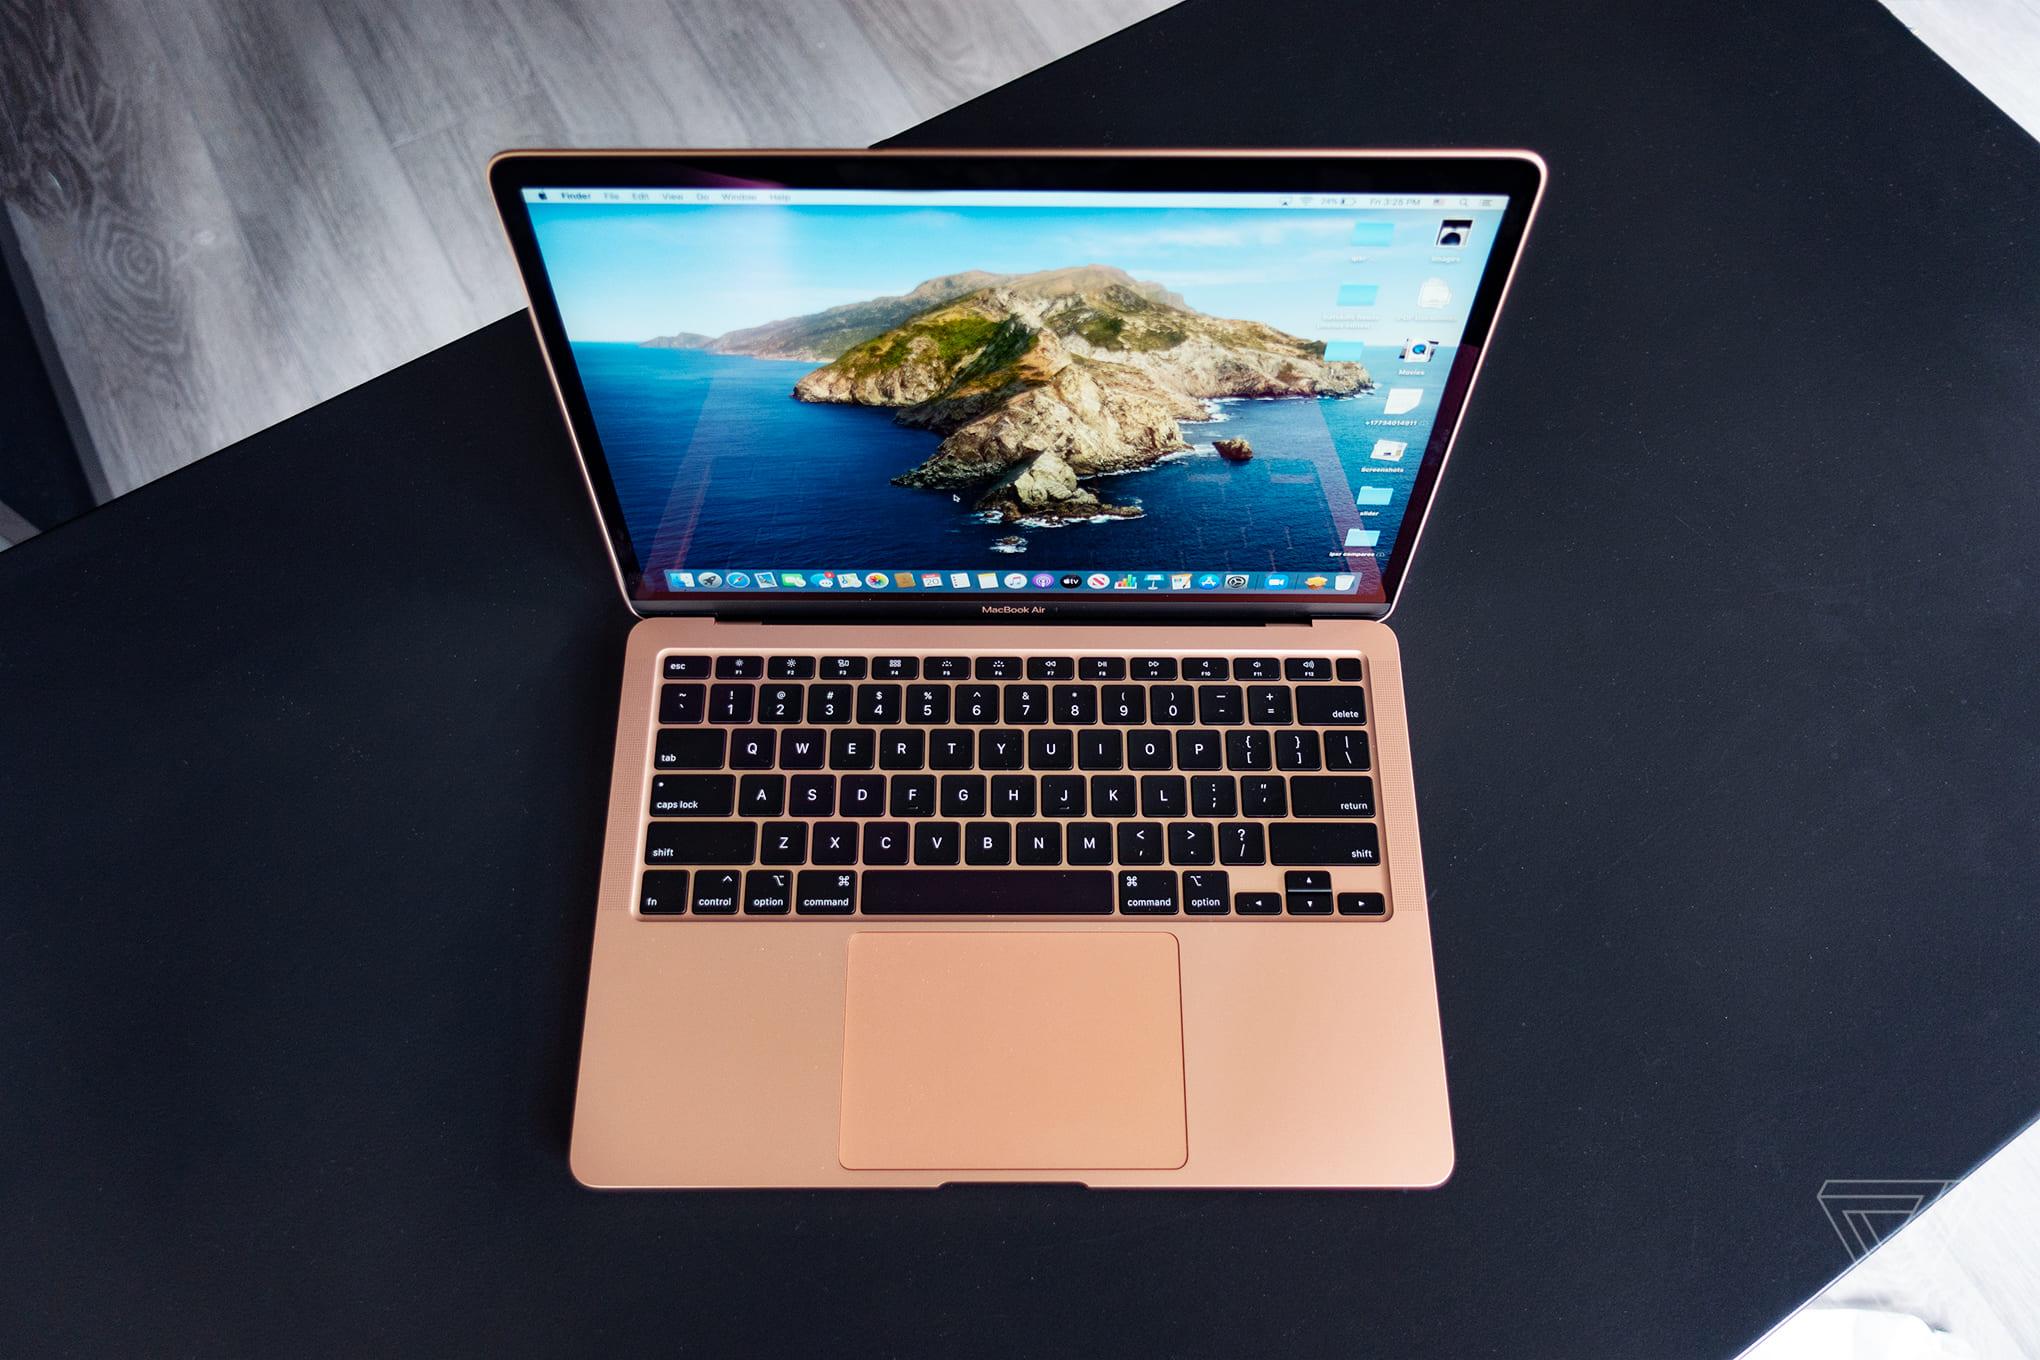 Mua MacBook: Hãy hiểu rõ cấu hình 20611611